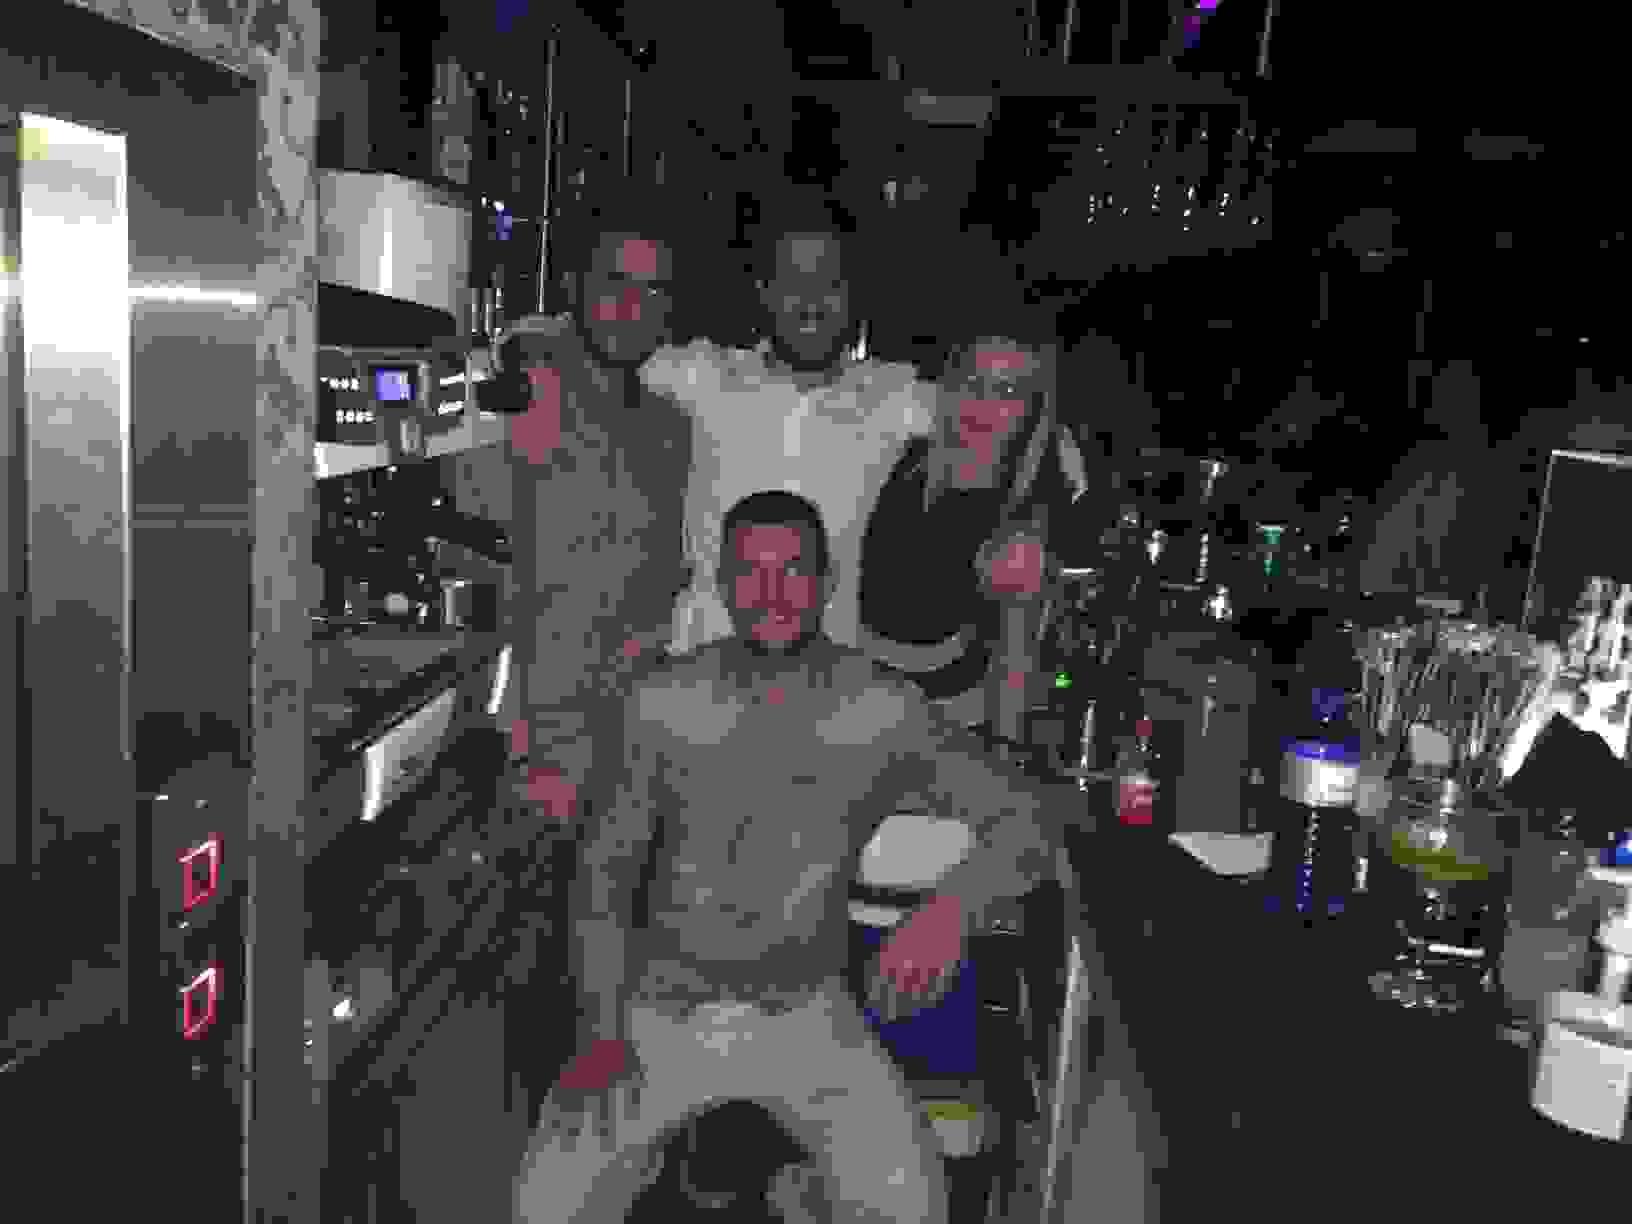 BAROQUE: ΠΟΛΥΣ ΚΟΣΜΟΣ & ΚΕΦΙ ΣΤΟ ΤΕΛΕΥΤΑΙΟ ΣΑΒΒΑΤΟΒΡΑΔΟ ΤΗΣ ΧΡΟΝΙΑΣ (ΦΩΤΟ & ΒΙΝΤΕΟ)